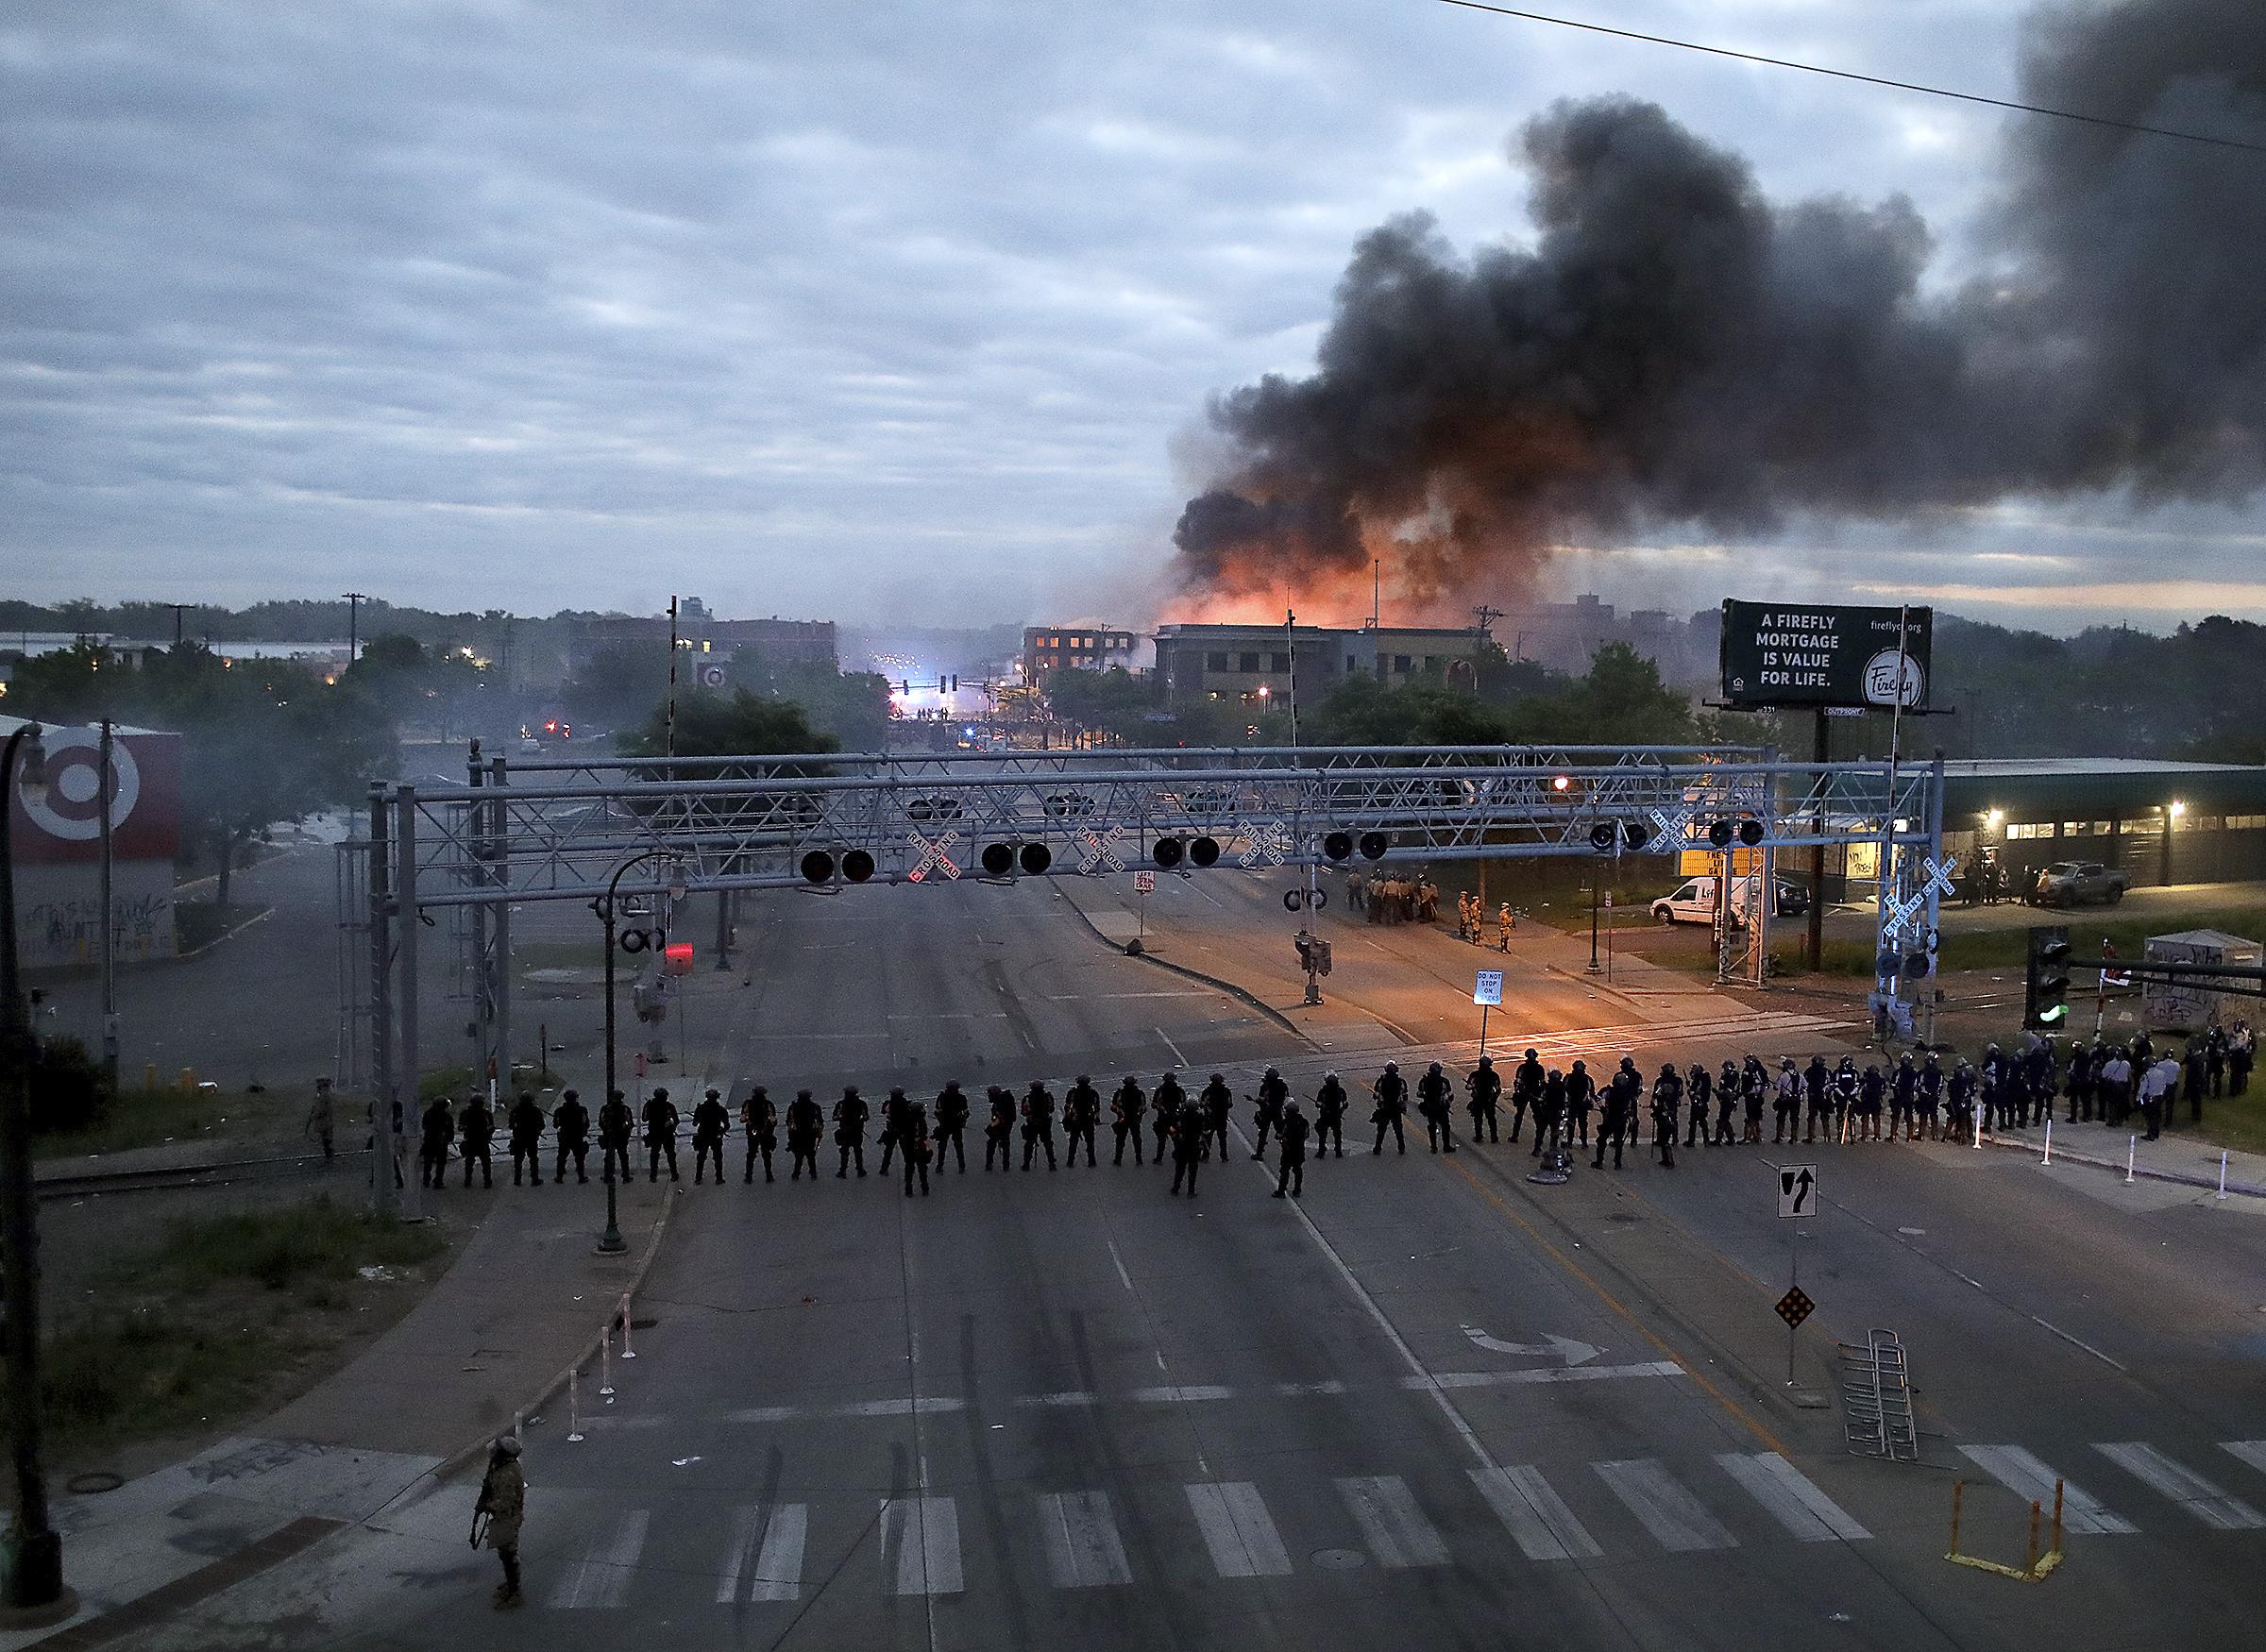 Oficiales amontonados a lo largo de la calle Lake, cerca de la avenida Hiawatha, mientras arden edificios después de una noche de disturbios y protestas por la muerte de George Floyd el viernes 29 de mayo de 2020 (David Joles/Star Tribune vía AP)